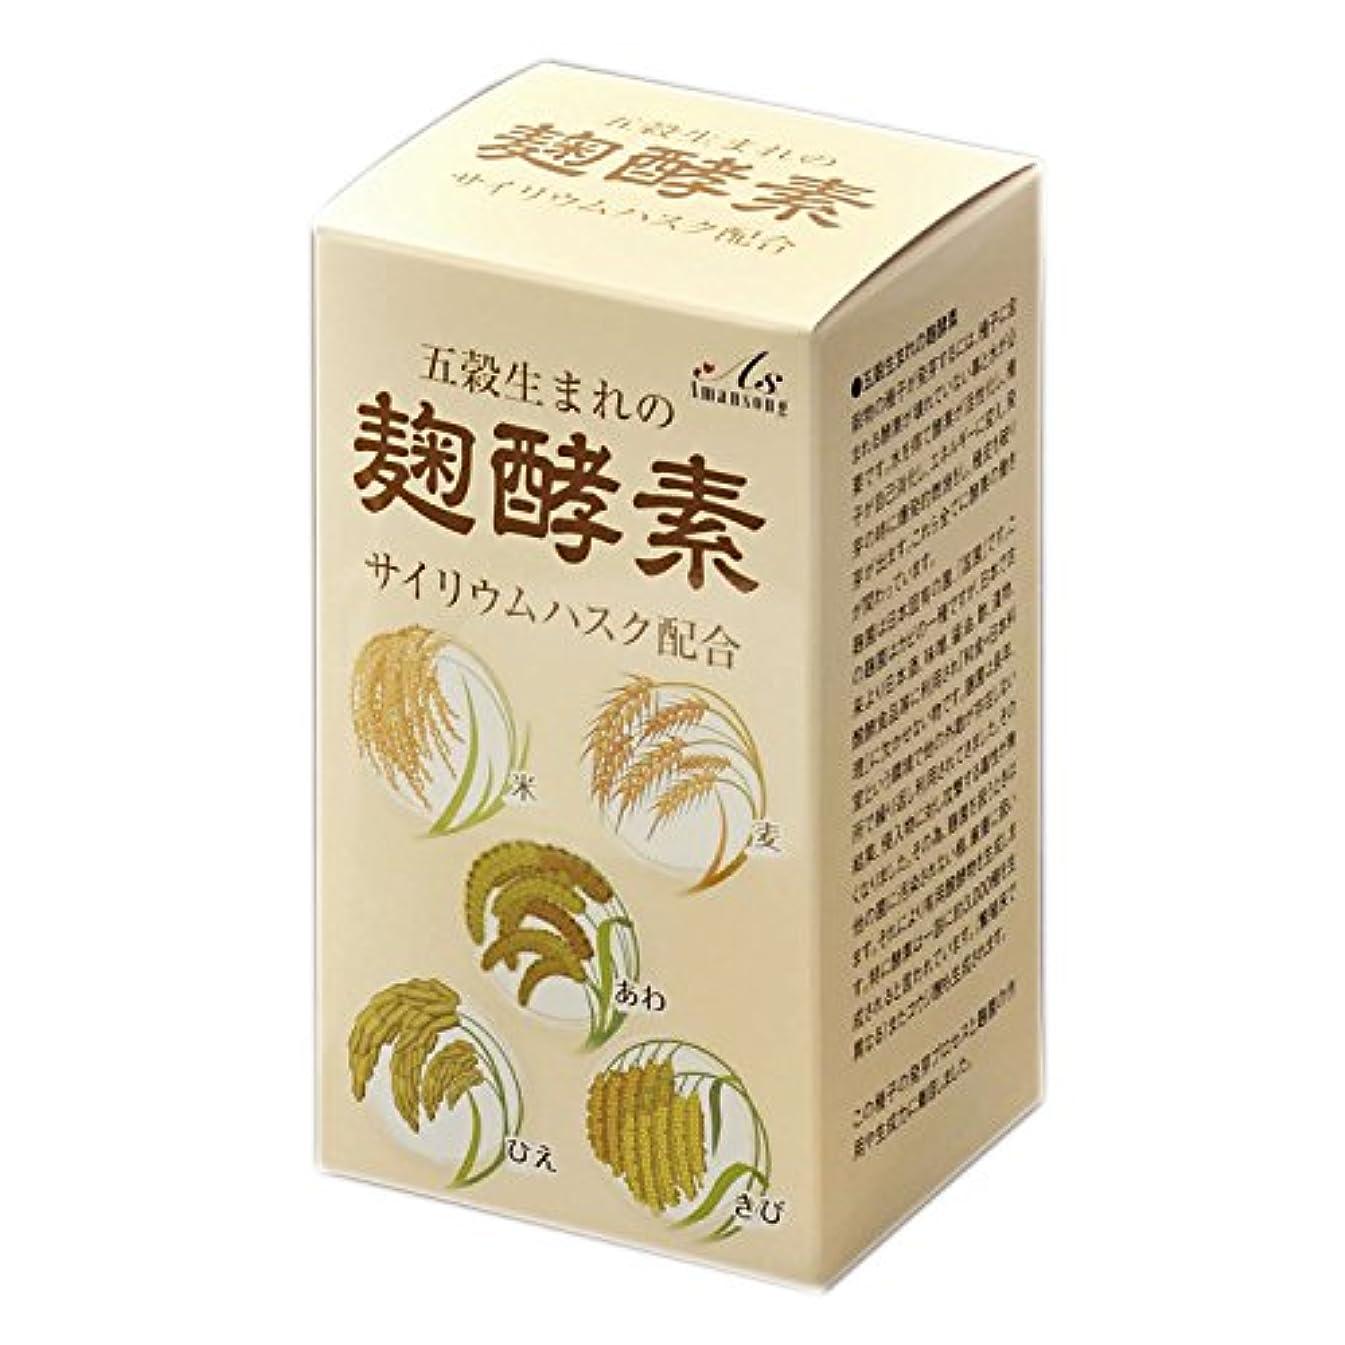 舗装反対素晴らしいA?S 五穀生まれの麹酵素 ヨーグルト風味で、活きた酵素を手軽に摂取 30包入り